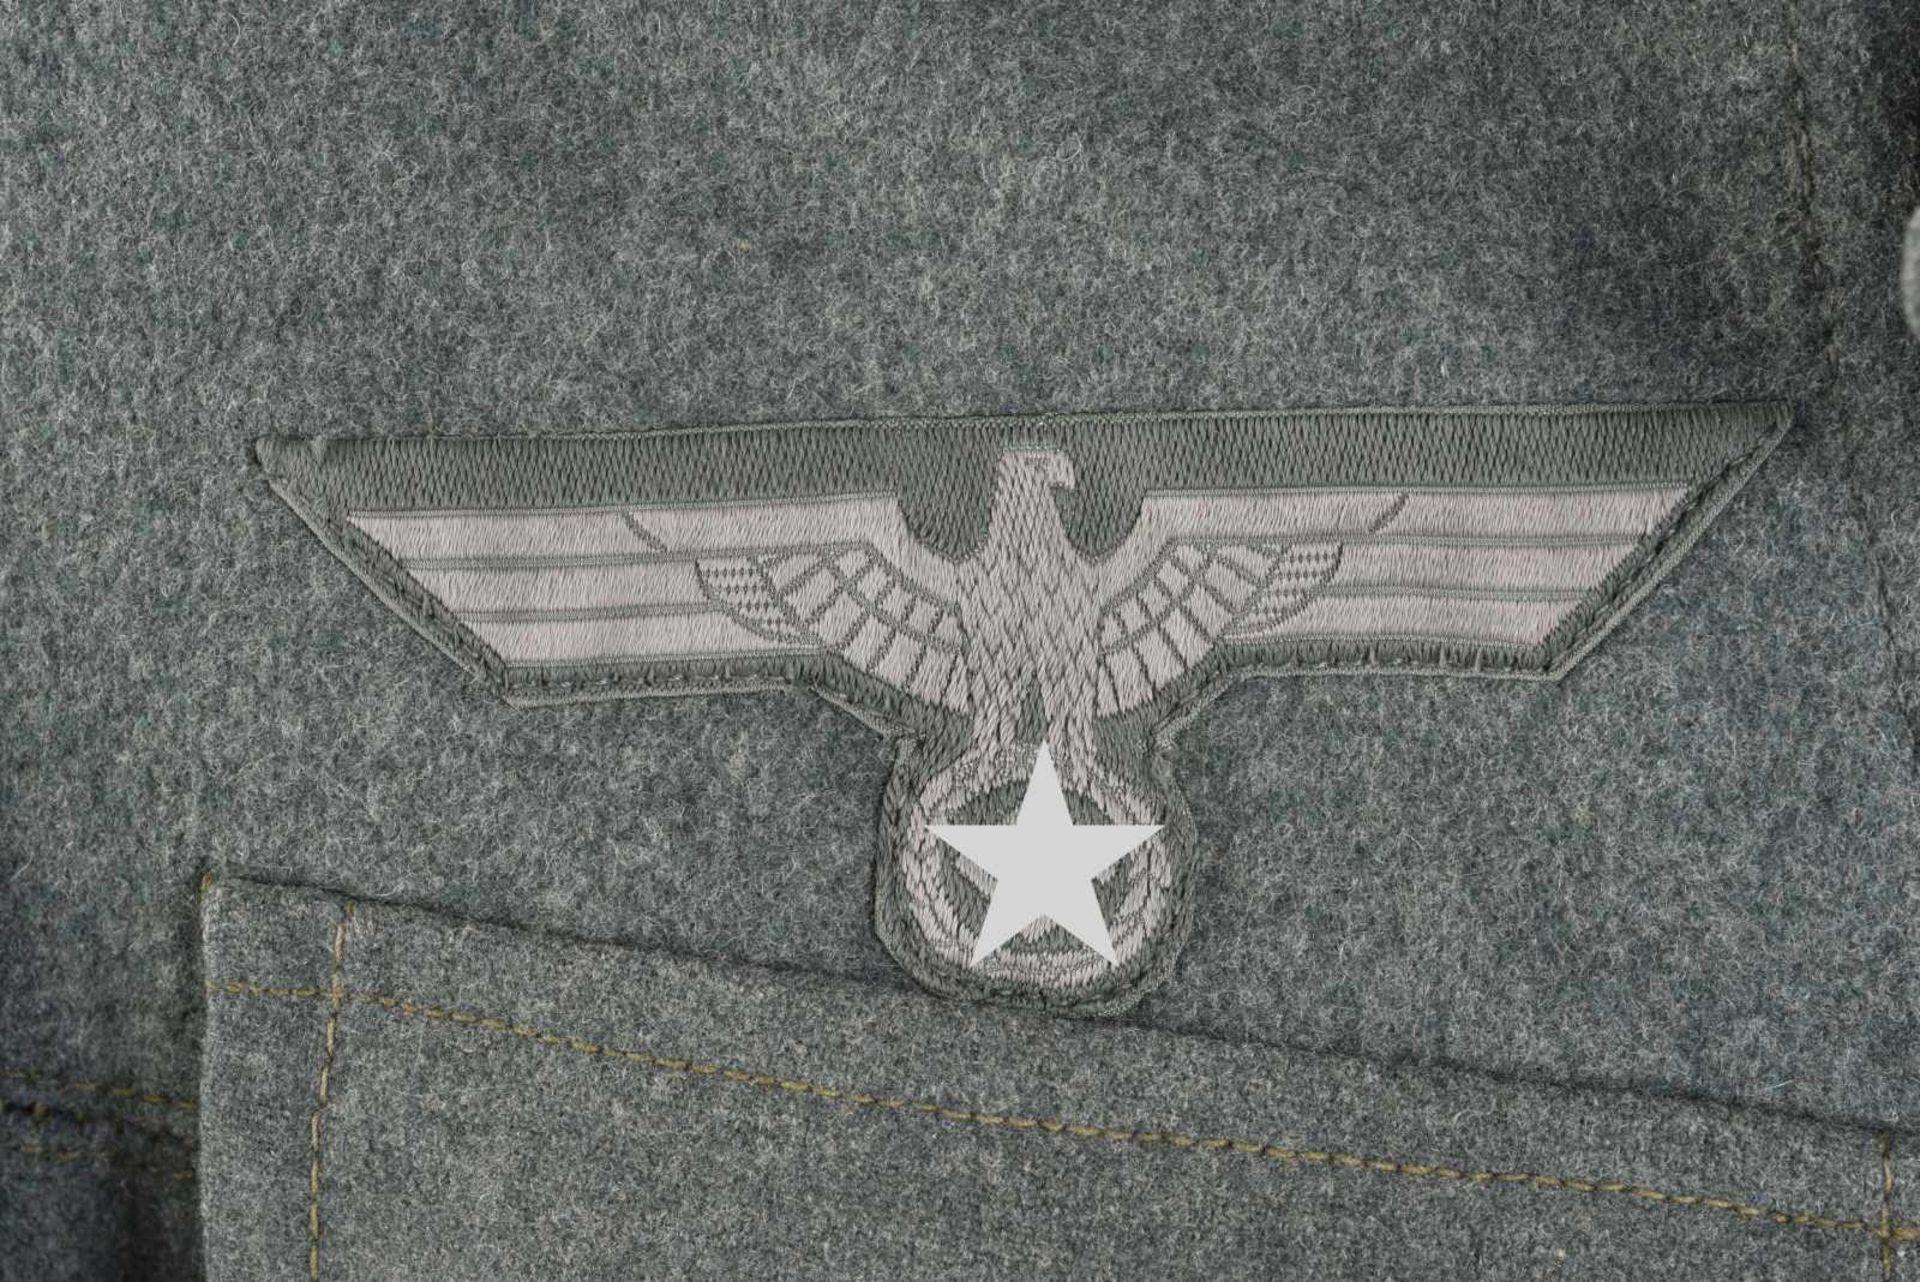 Vareuse d'infanterie de la Heer. En drap Feldgrau, tous les boutons sont présents. Intérieur - Bild 3 aus 4